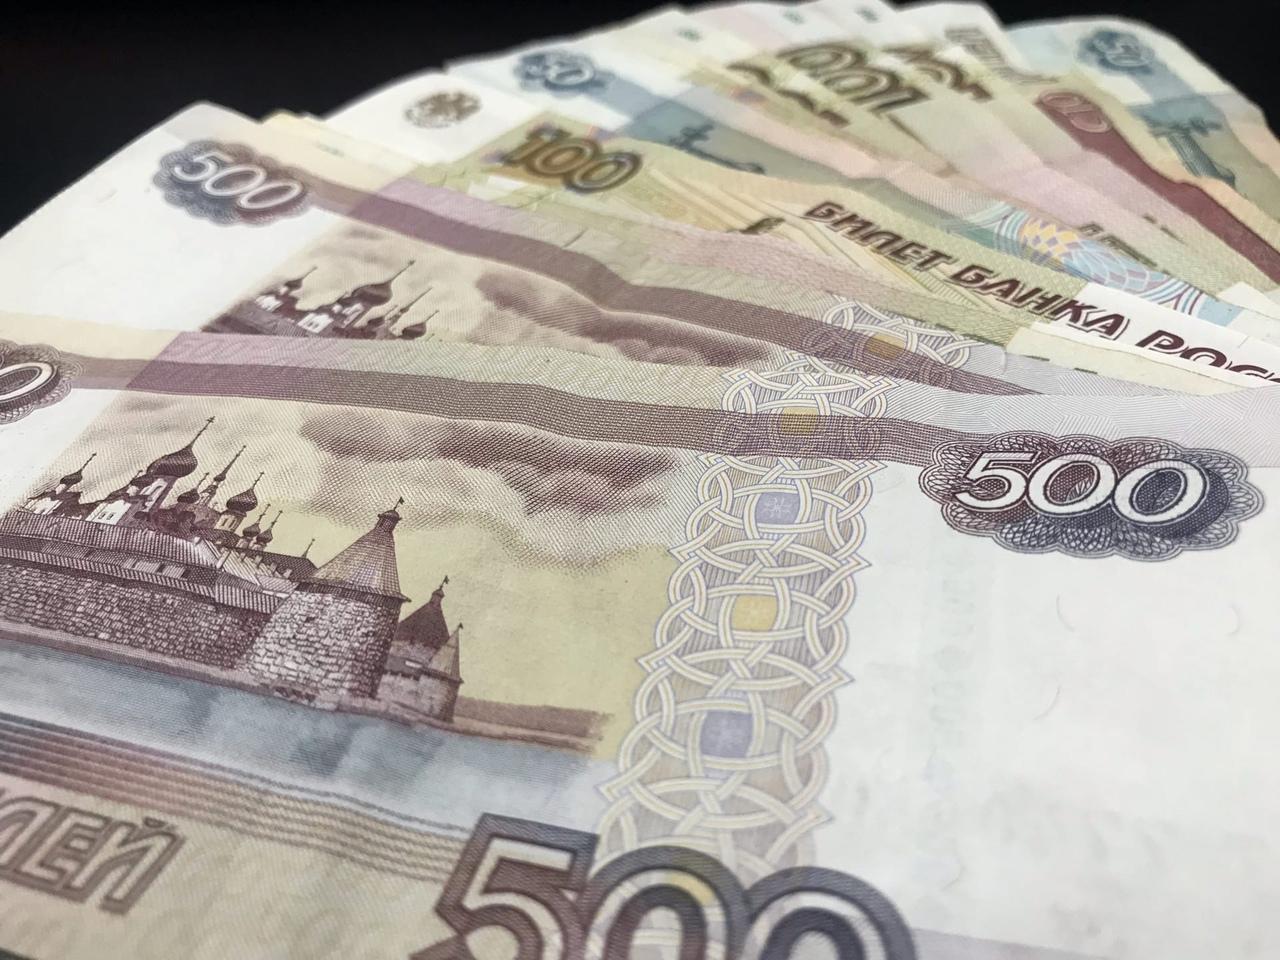 Прием заявлений на выплату 10 тысяч рублей к учебному году завершится в Брянске 31 октября